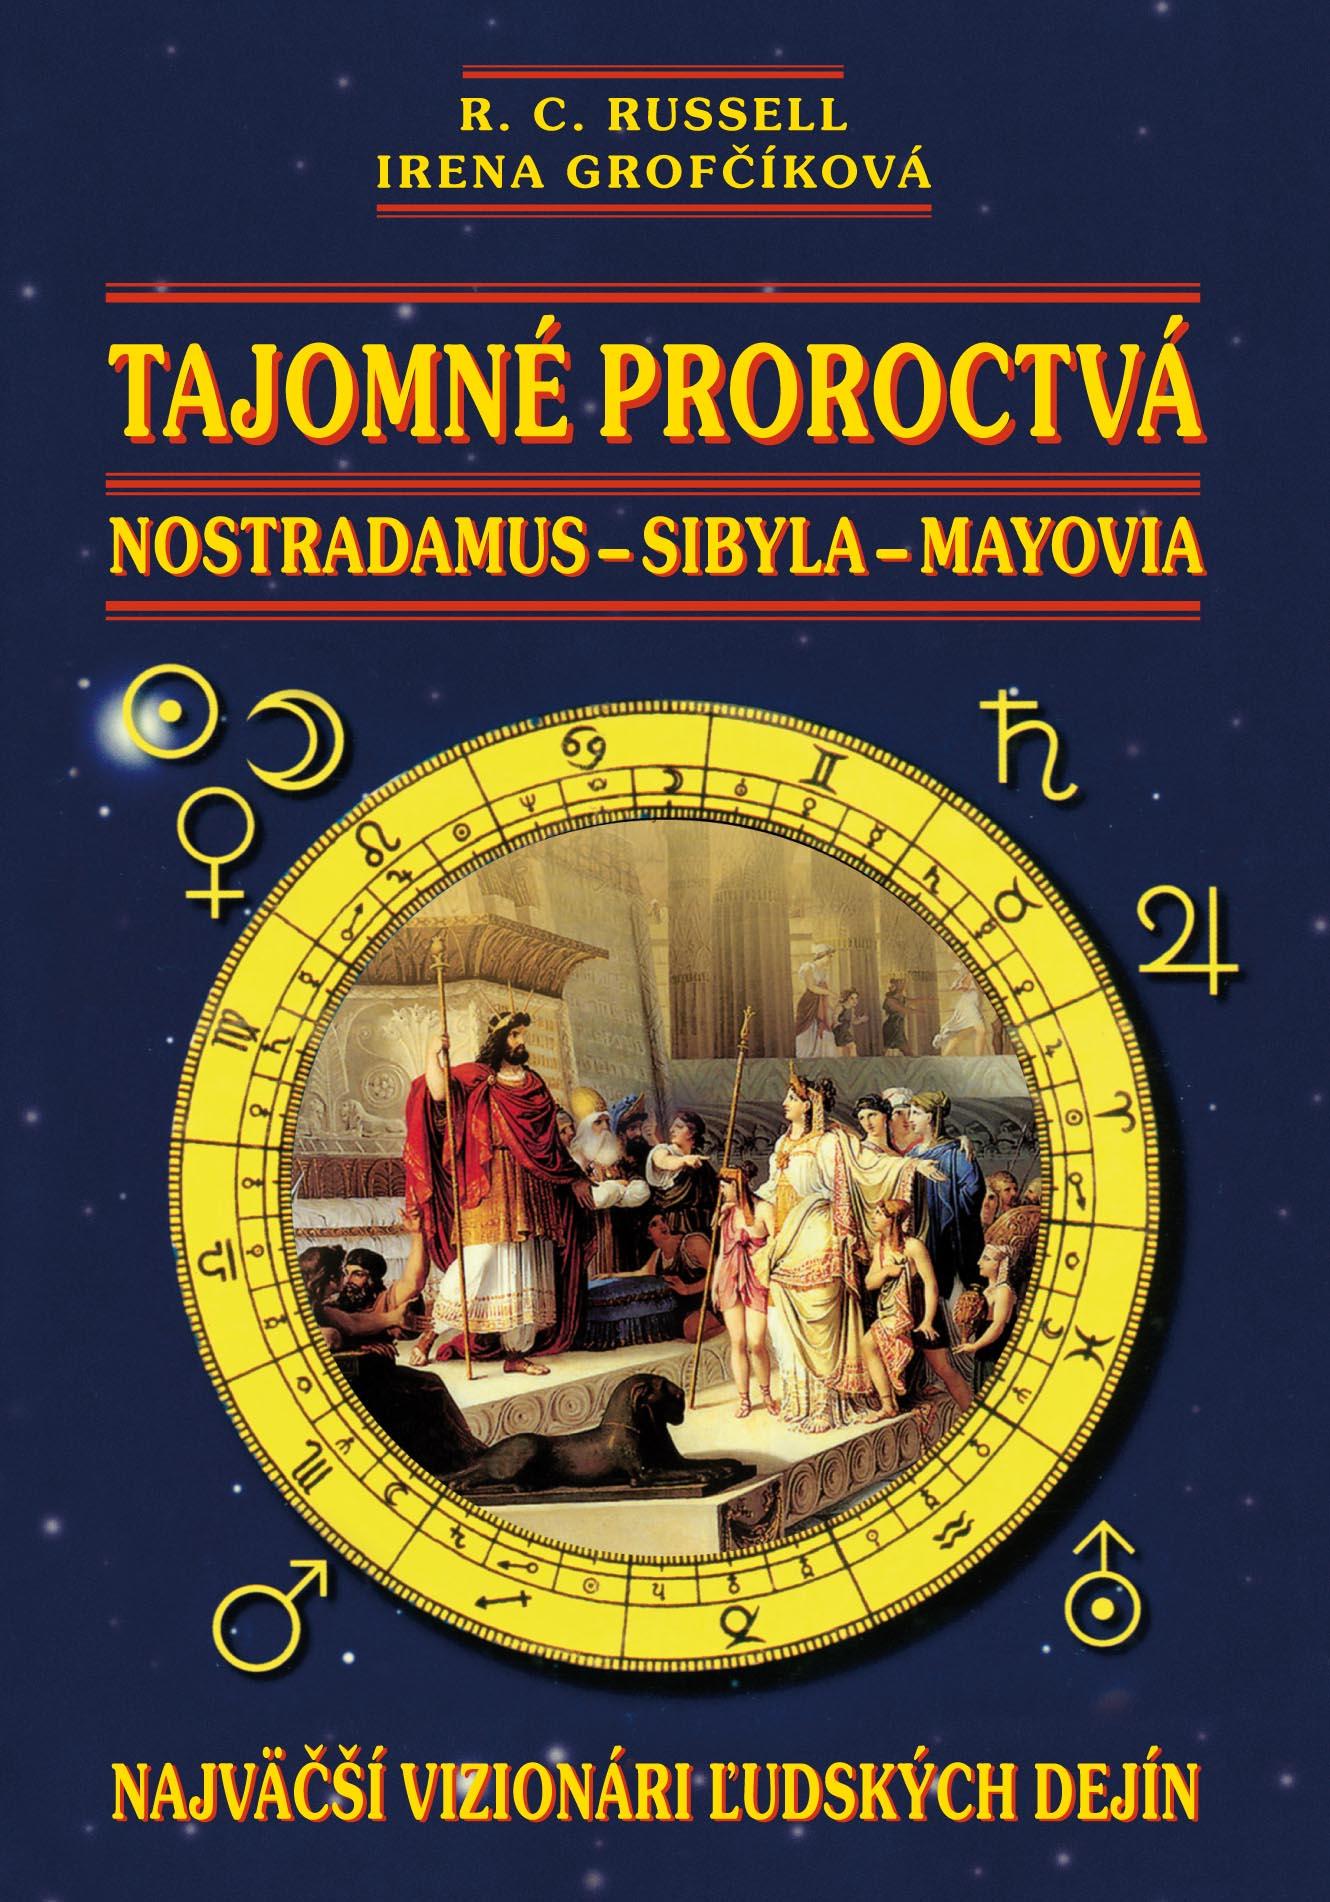 Tajomné proroctvá - Nostradanus-Sybila-Mayovia